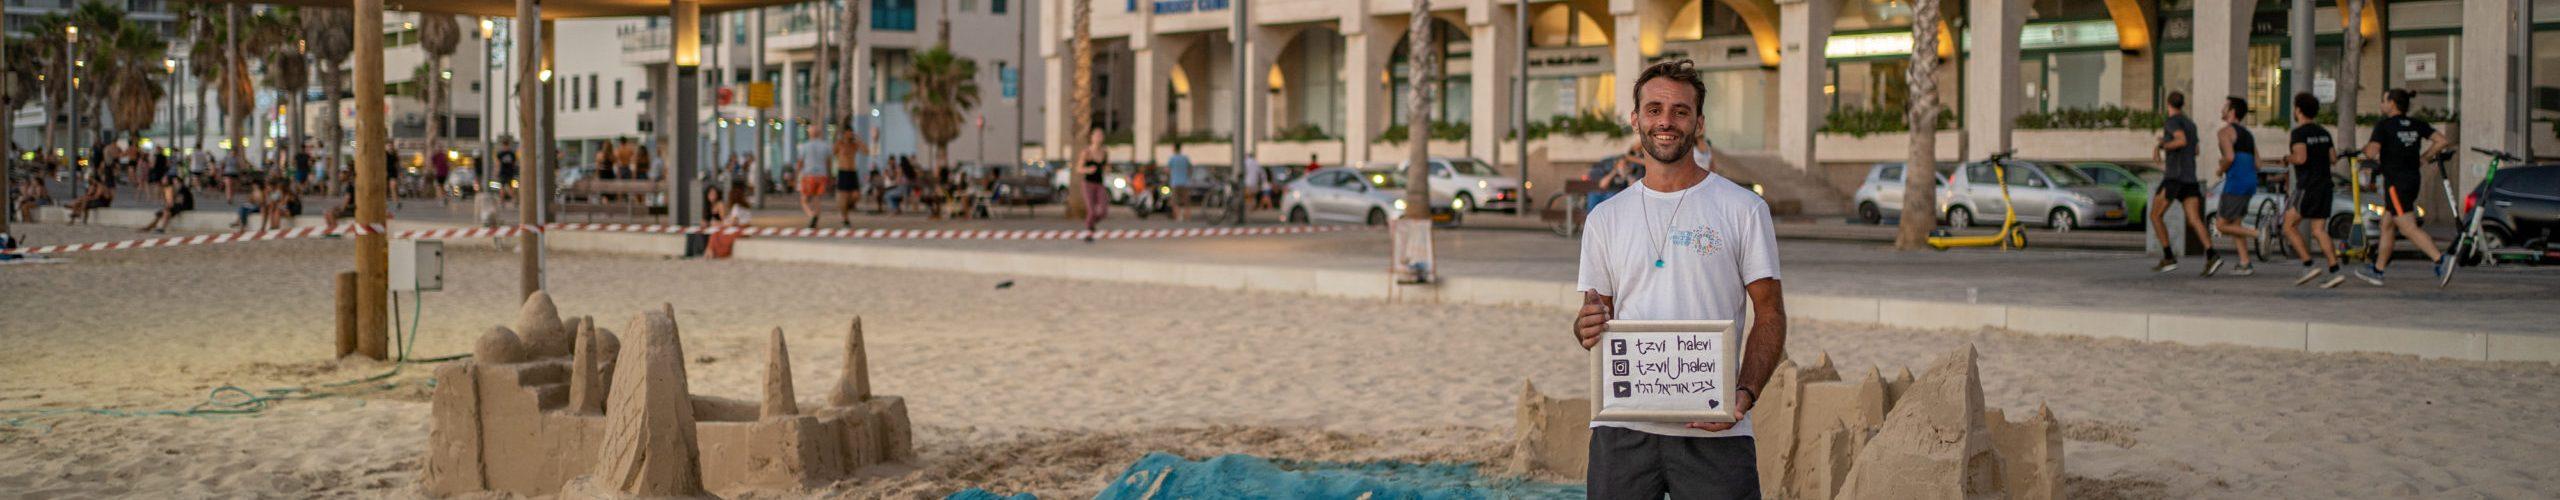 Tel Aviv-Yafo faʻalauteleina valaaulia i tagata asiasi mai United Arab Emirates